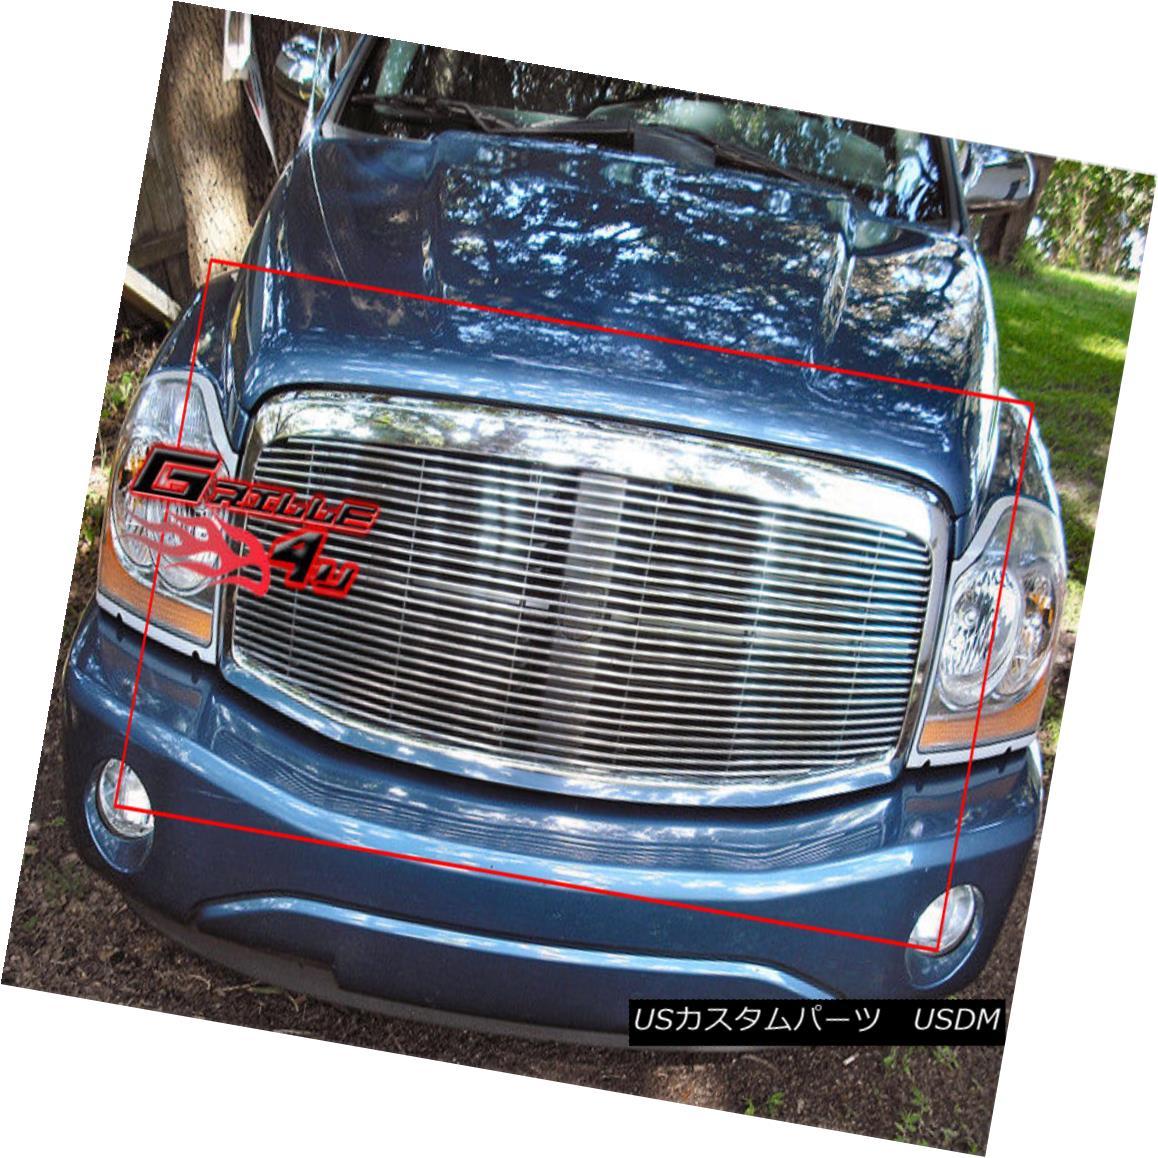 グリル Fits 2004-2006 Dodge Durango Main Upper Billet Grille Insert 2004-2006 Dodge Durangoメインアッパービレットグリルインサート